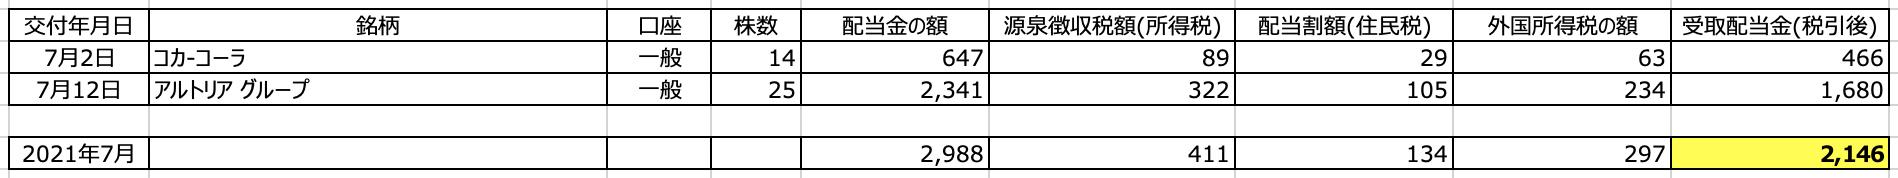 資産運用実績【21年7月度】 さとり世代の株日記 資産運用 株 投資 資産形成